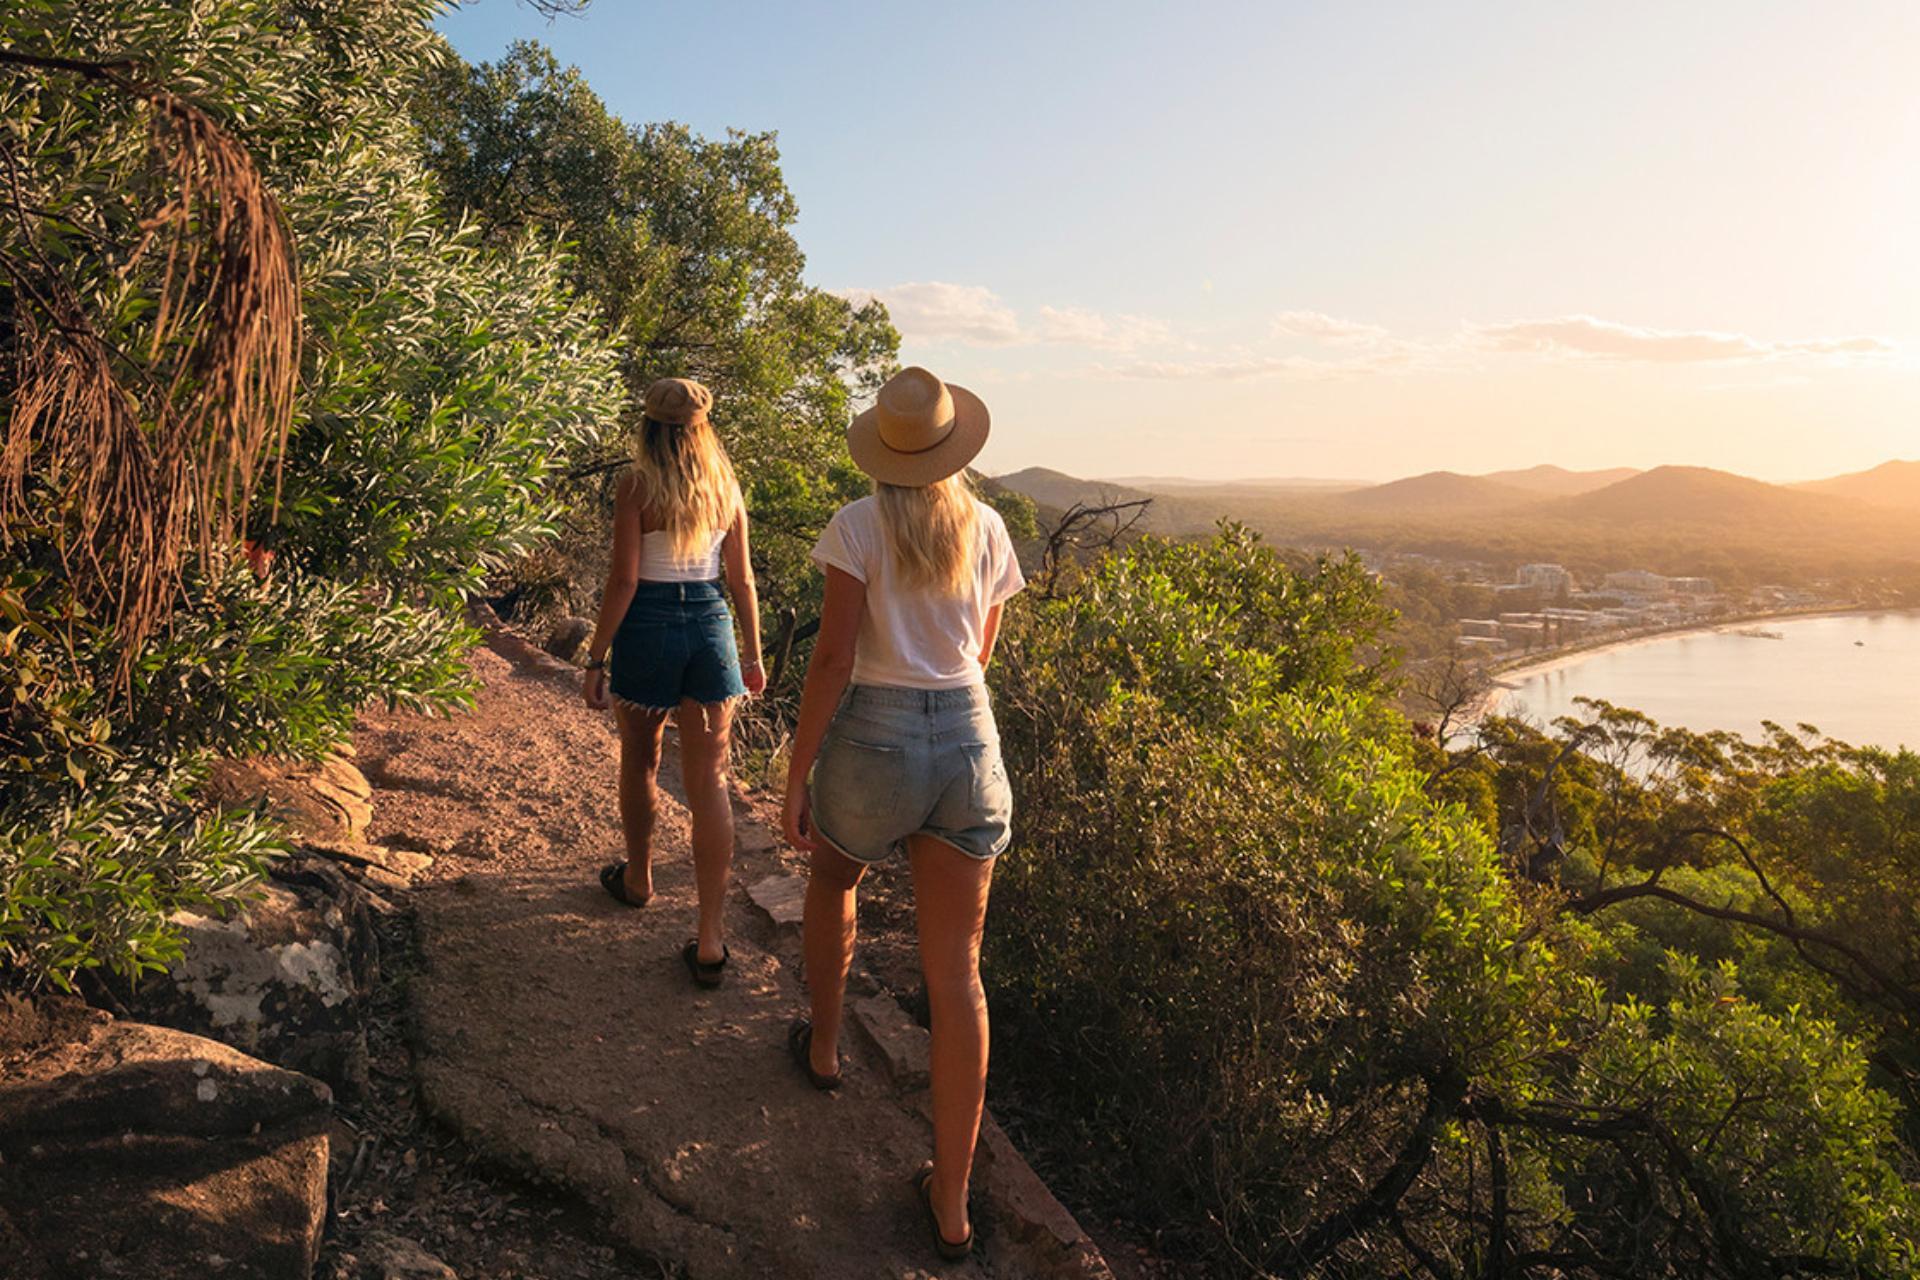 Tomaree Head Summit Walk, Port Stephens